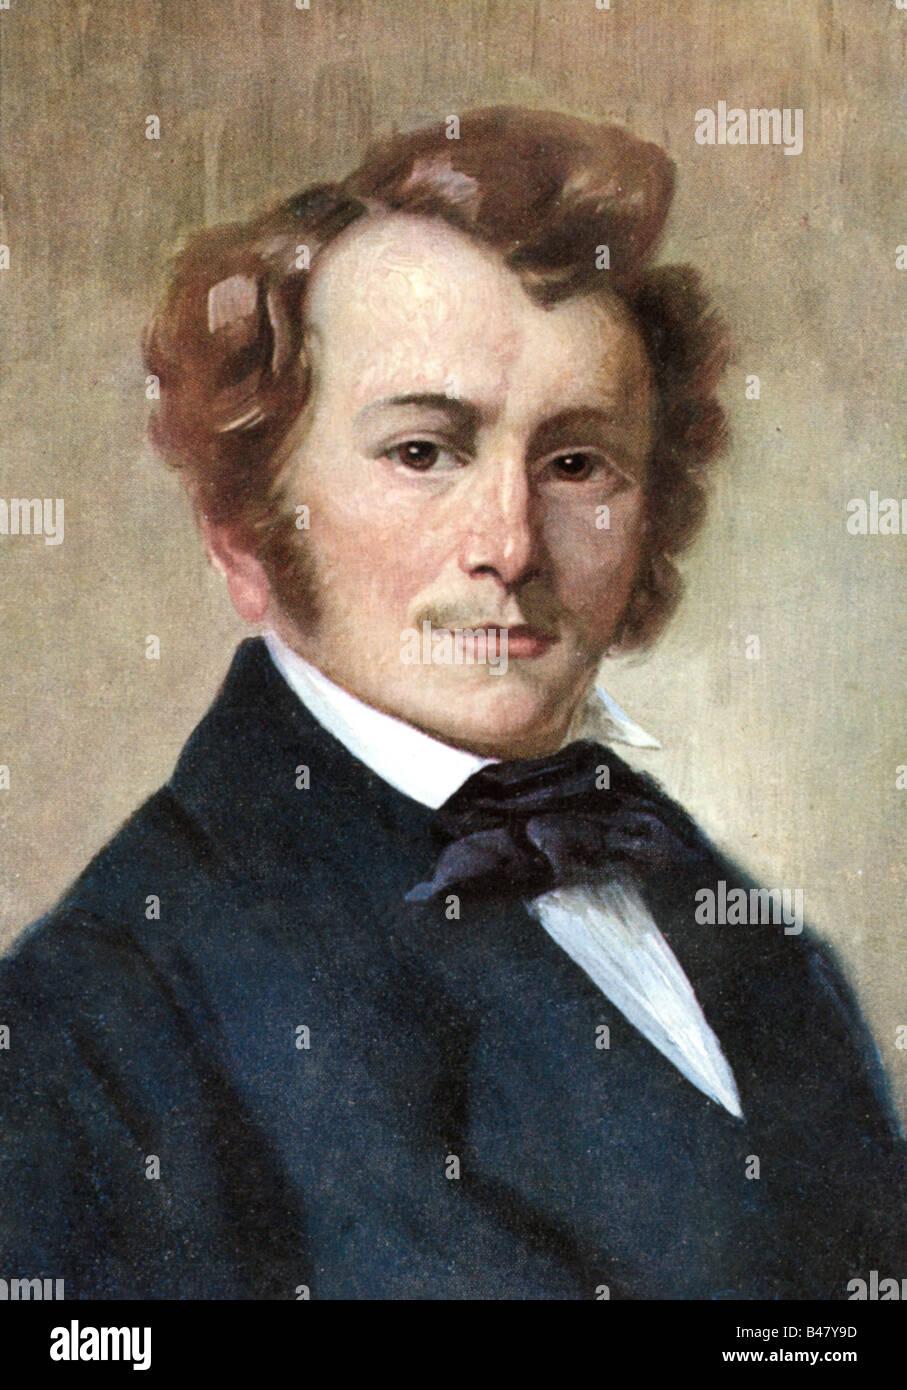 Lortzing, Albert, 23.10.1801 - 21.01.1851, el compositor alemán, retrato, pintura por Robert Einhorn, circa Imagen De Stock